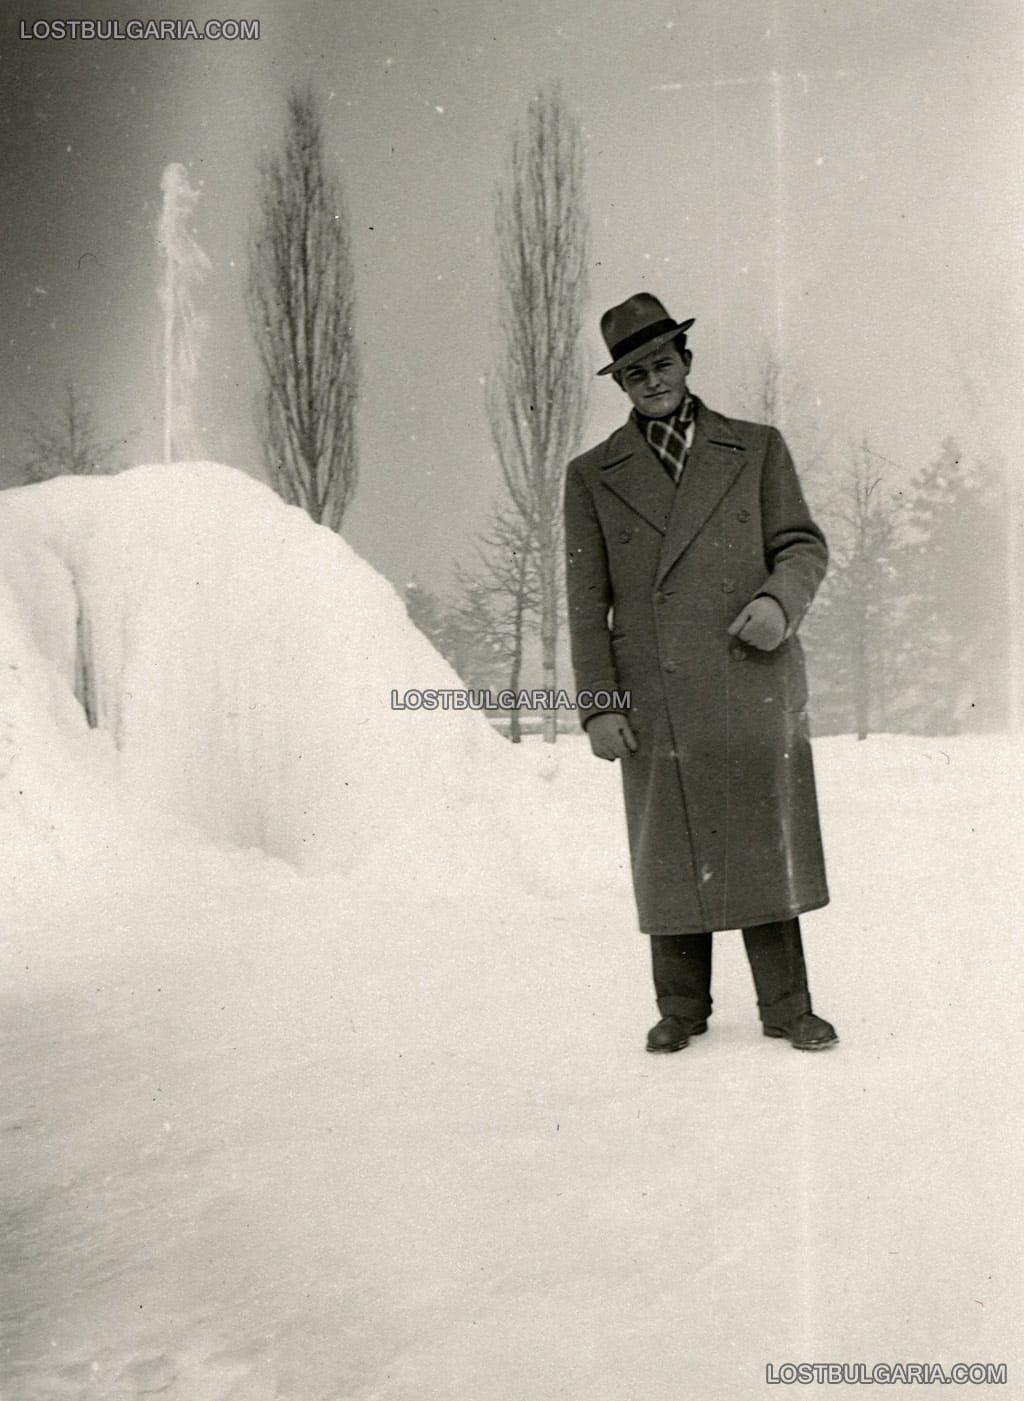 Стара София: Мъж се радва на снежната покривка